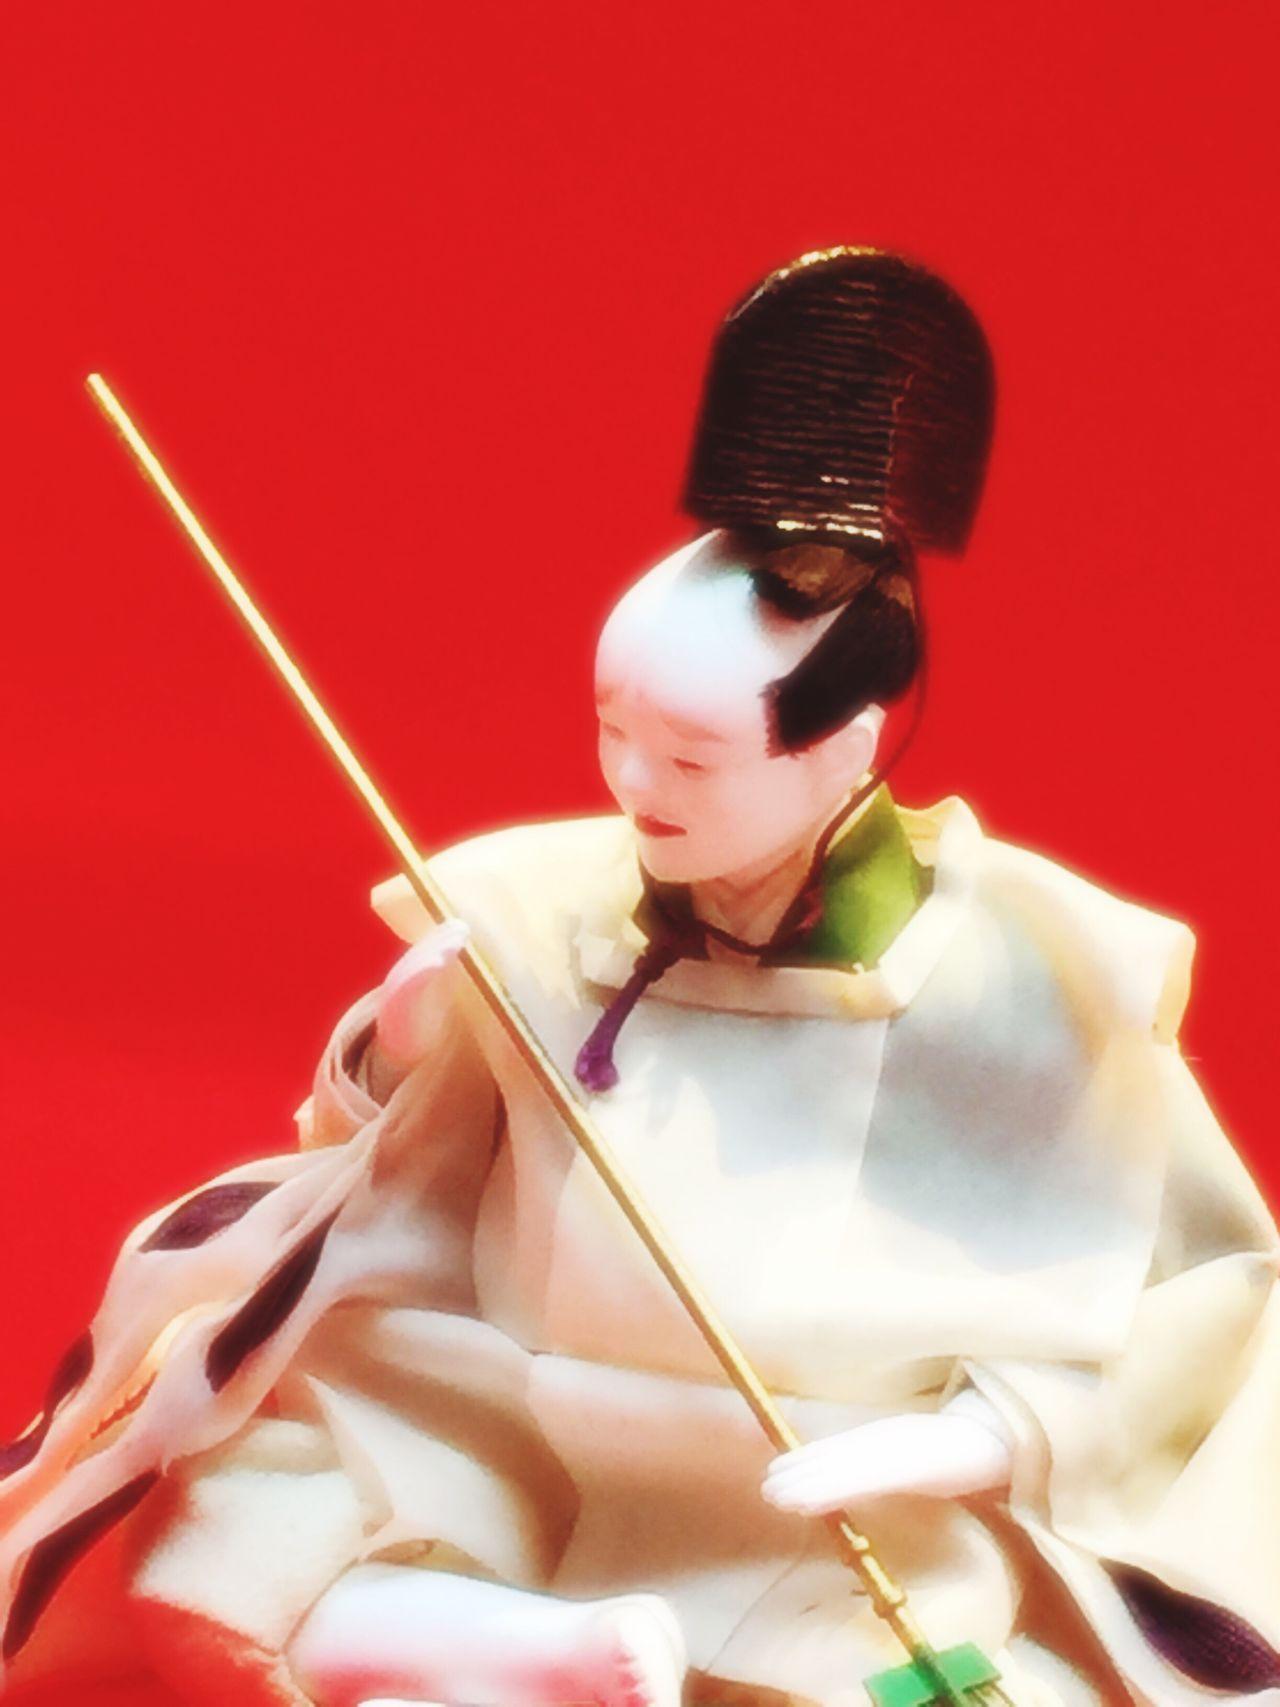 仕丁 衛士 三人上戸 立て傘 ひな壇 雛飾り Hinamatsuri Platform 5th Japanese Culture Dolls Doll March Seasonal Ultimate Japan